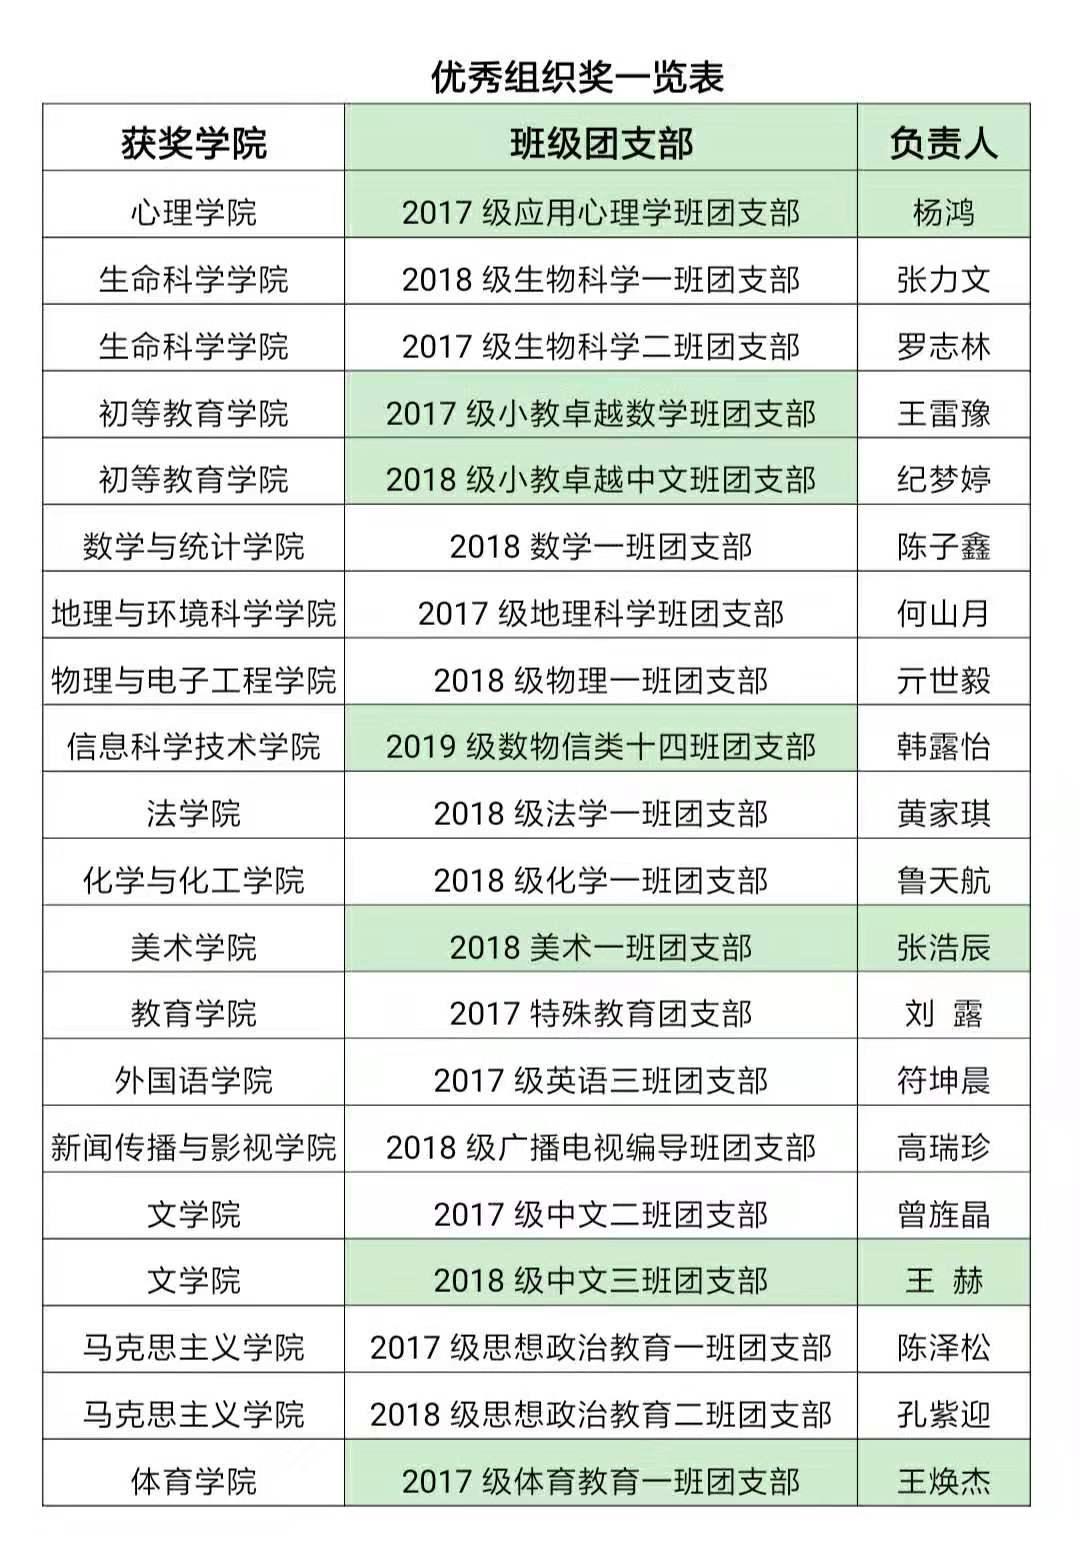 新澳门萄京娱乐场官网举办两场大学生教师技能大赛总决赛